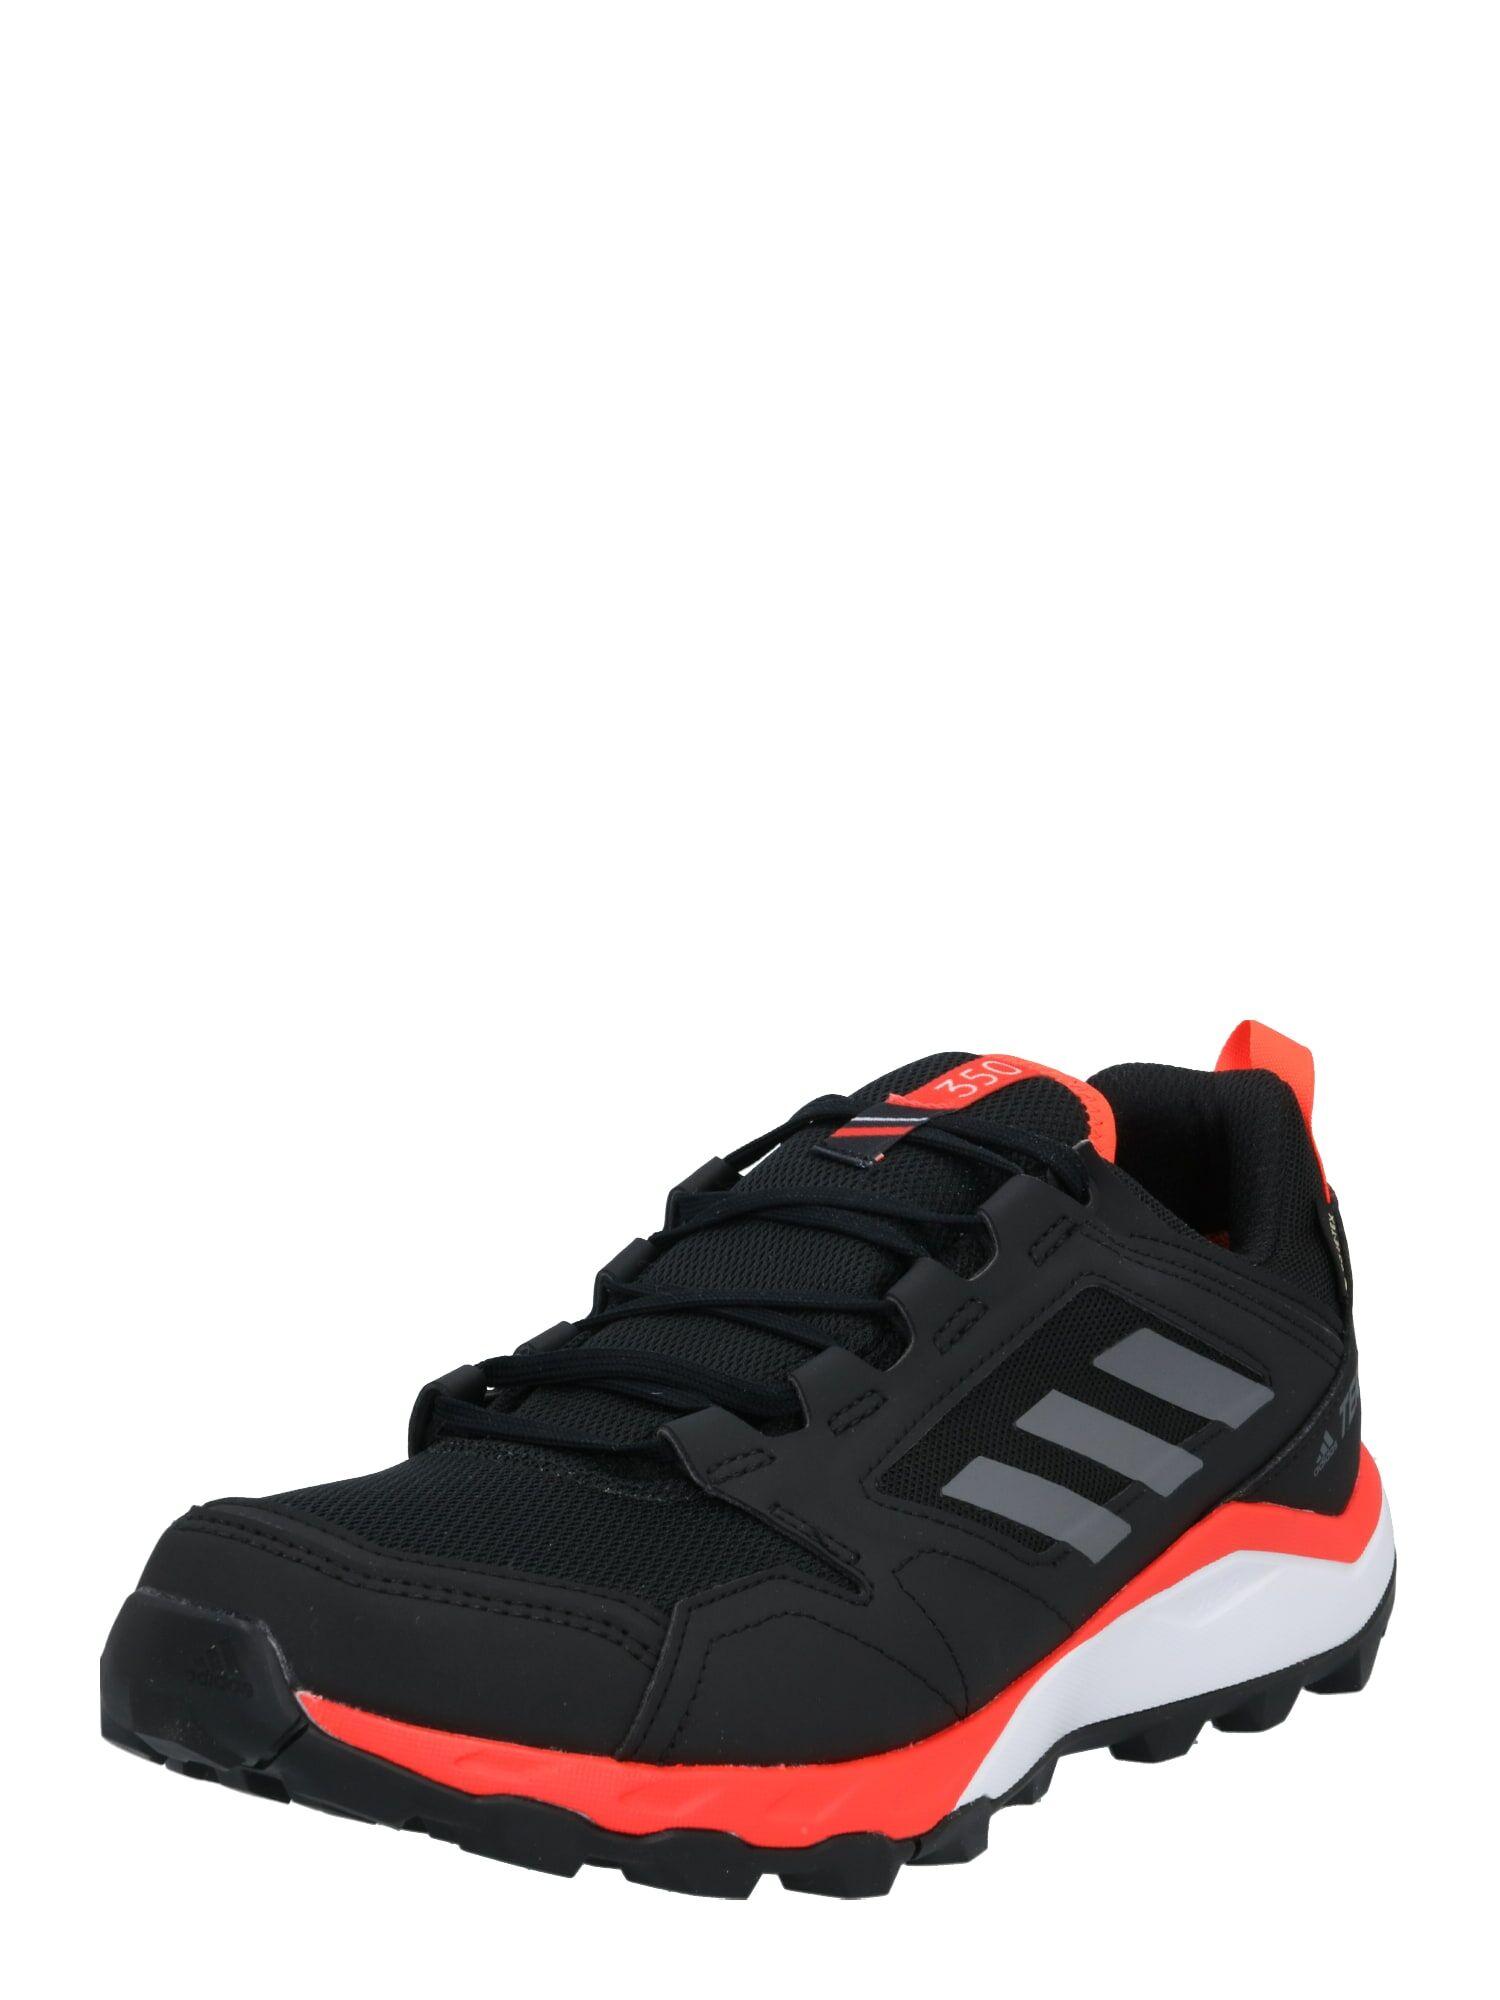 adidas Terrex Chaussure de course  - Noir - Taille: 7 - male